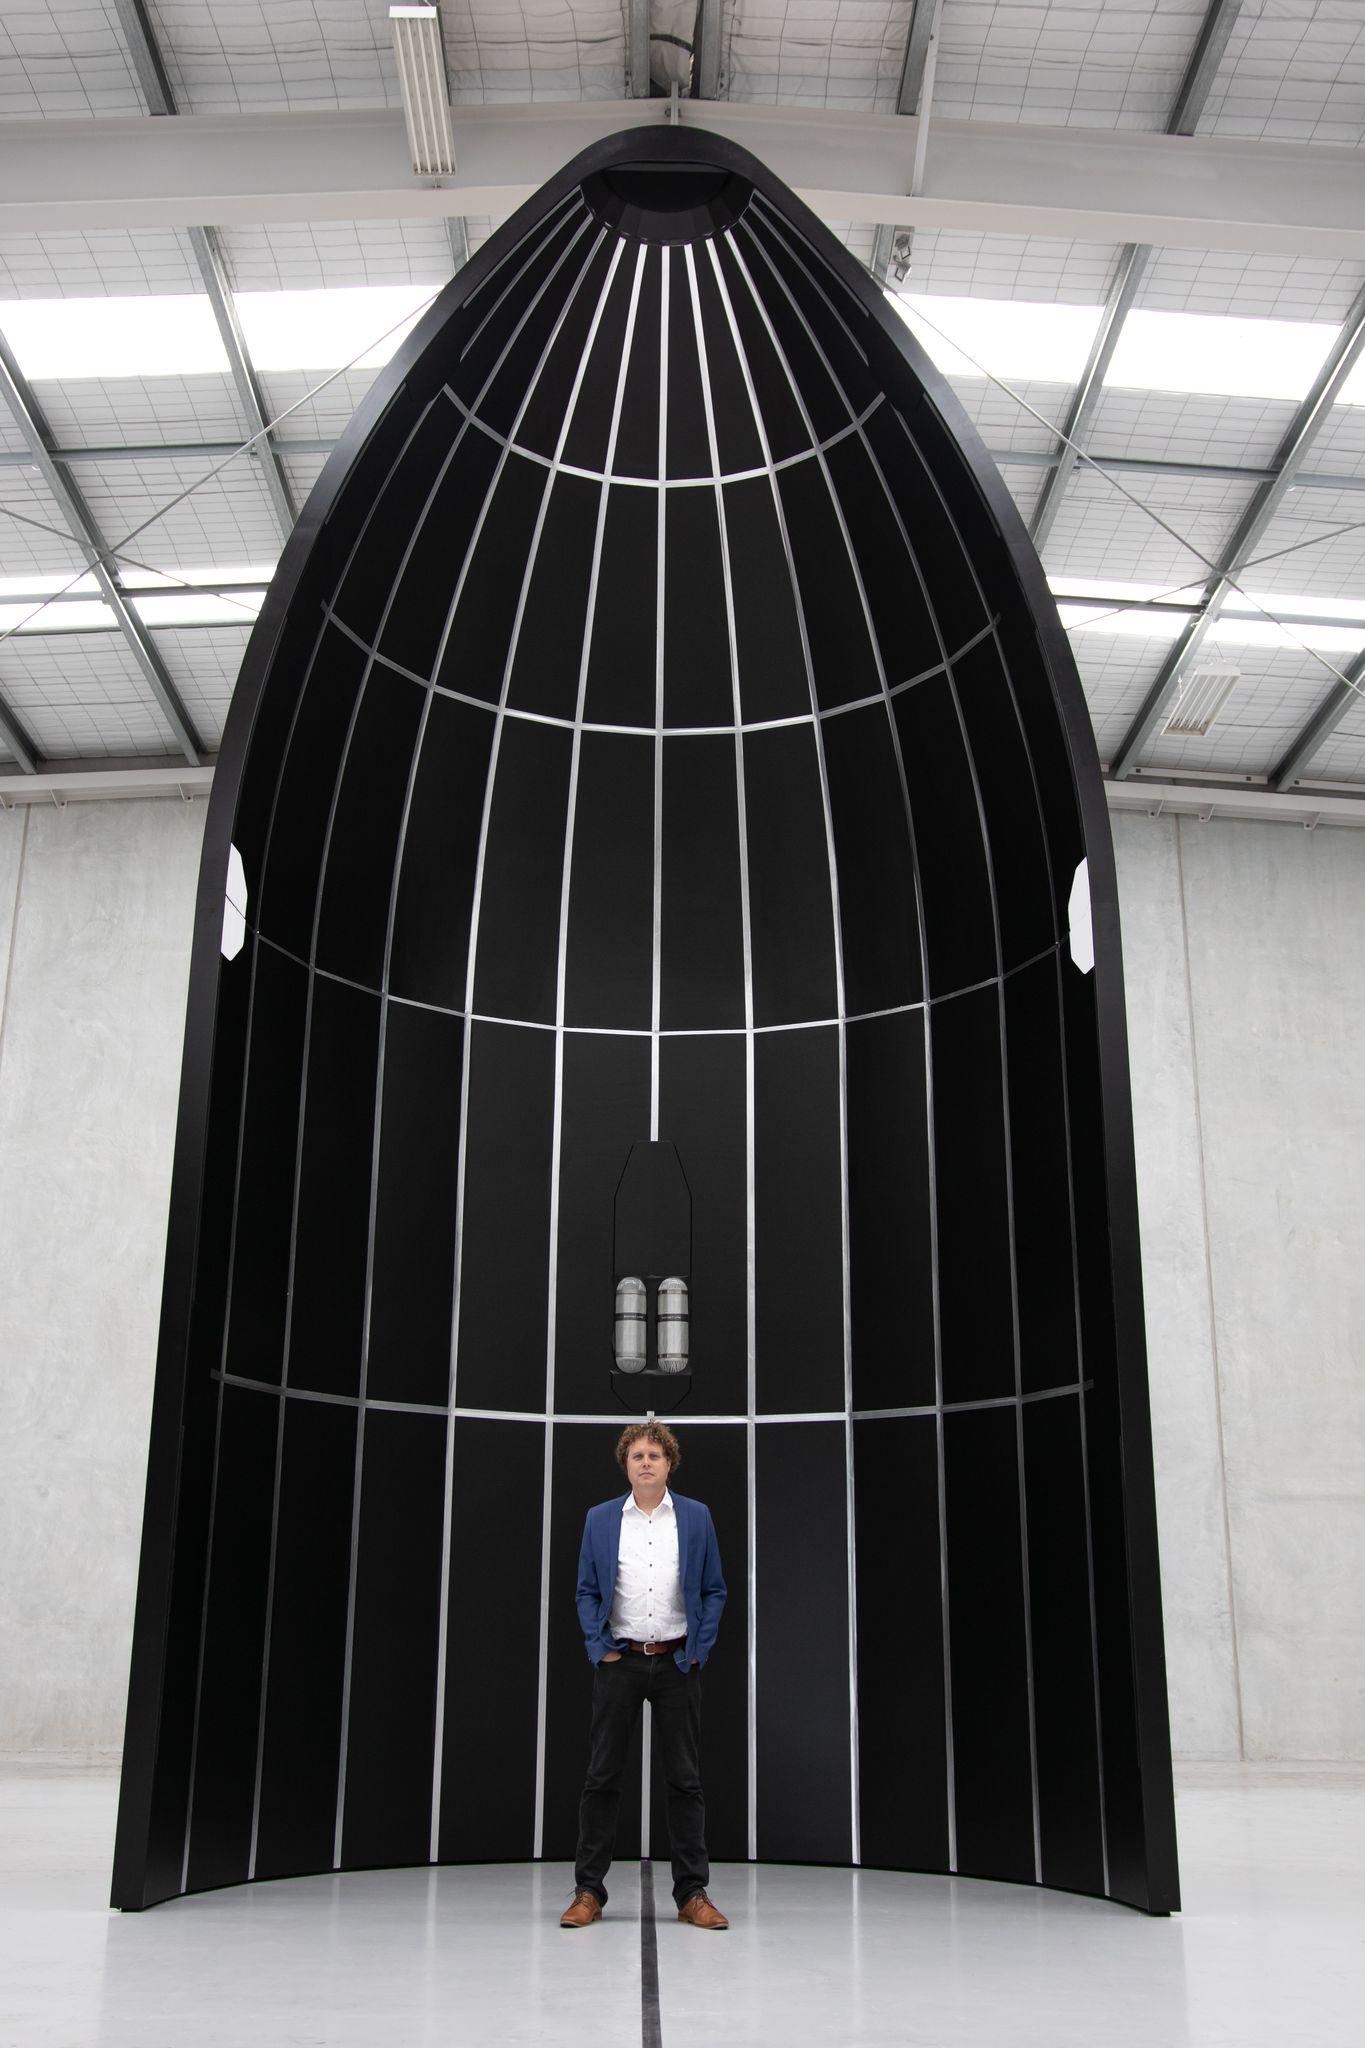 Il fairing del nuovo vettore Neutron con Peter Beck, fondatore e CEO dell'azienda. Credits: Rocket Lab.